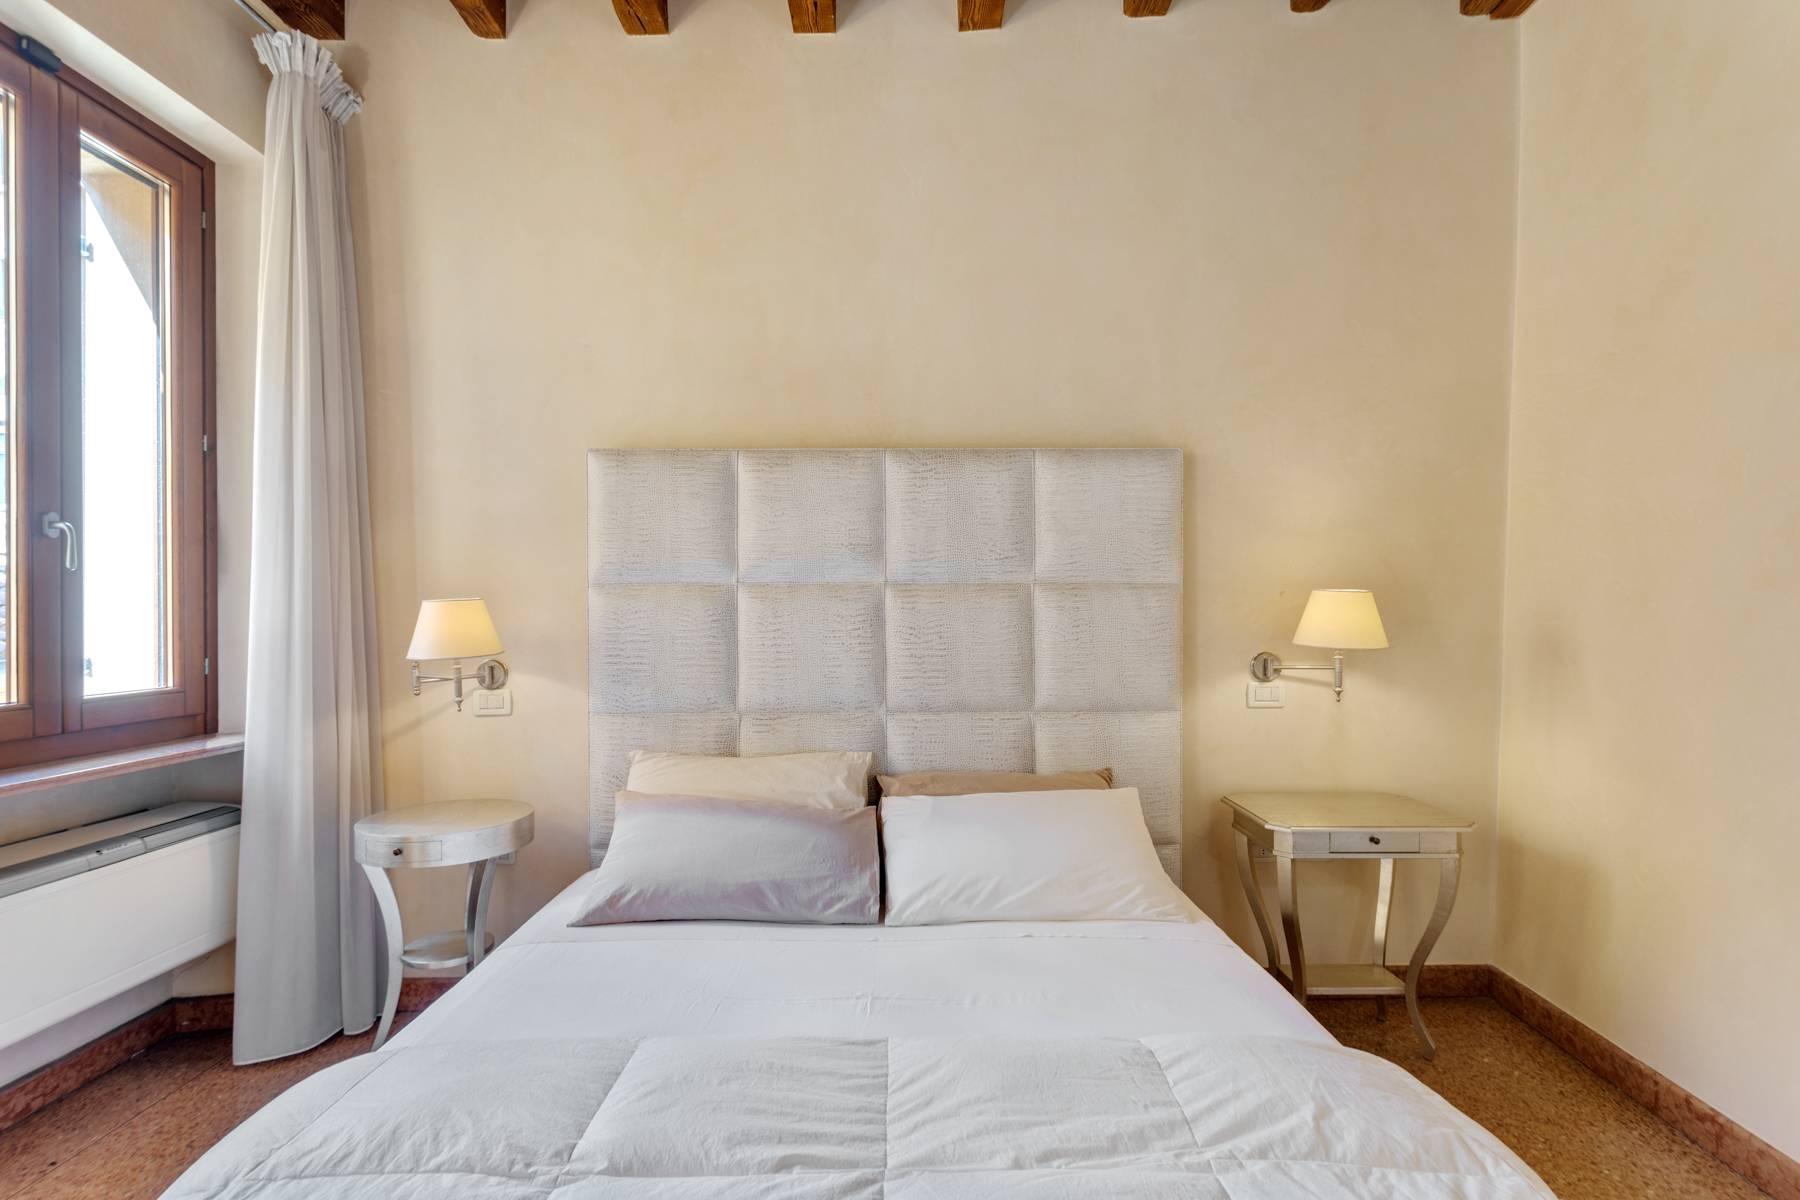 Appartamento in Vendita a Verona: 3 locali, 55 mq - Foto 12